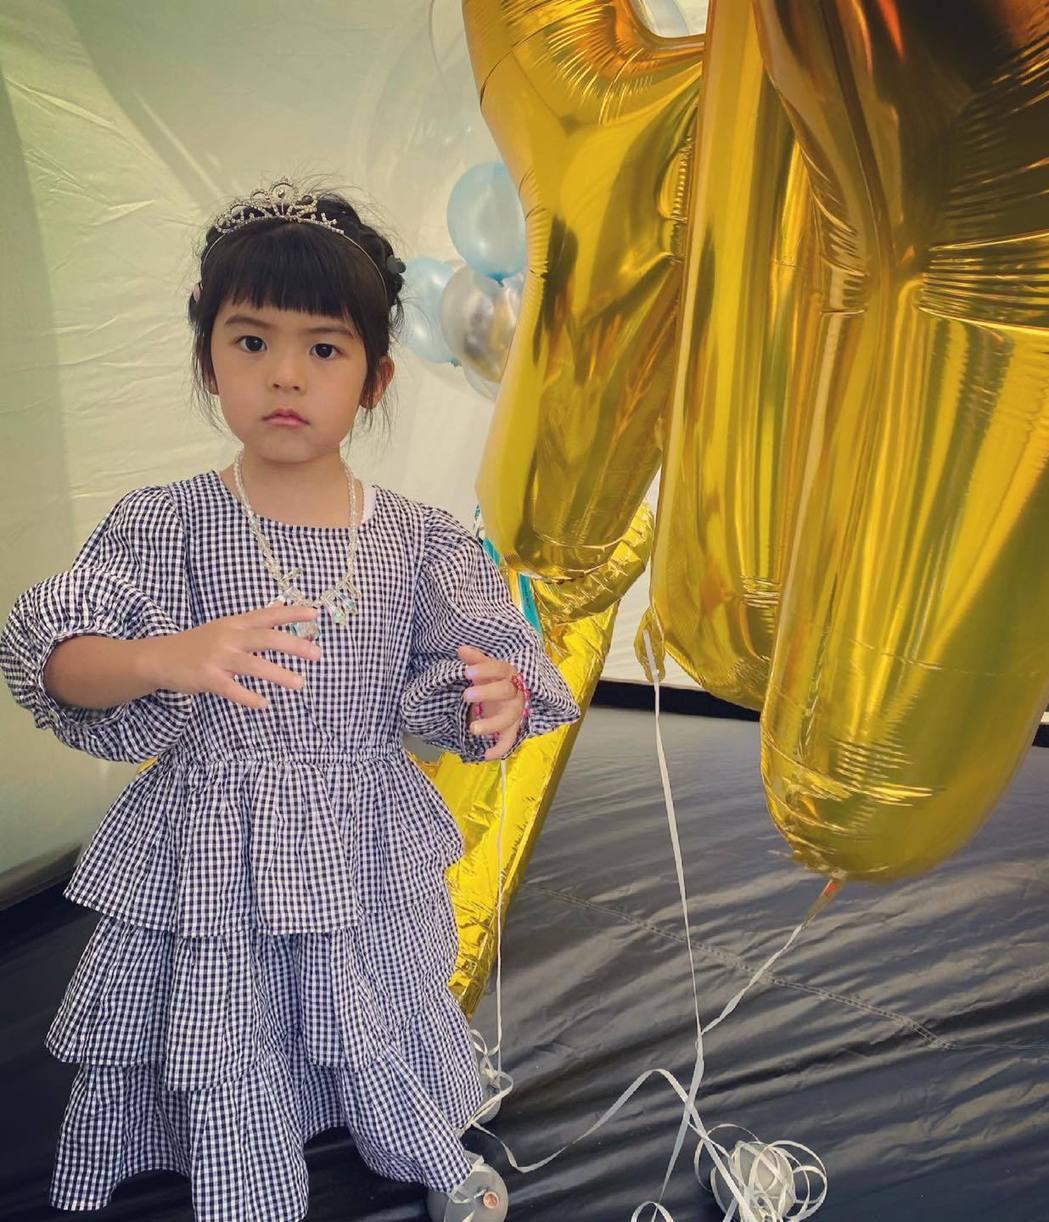 波妞4岁生日 圆梦变身气质公主 贾静雯亏:不适合